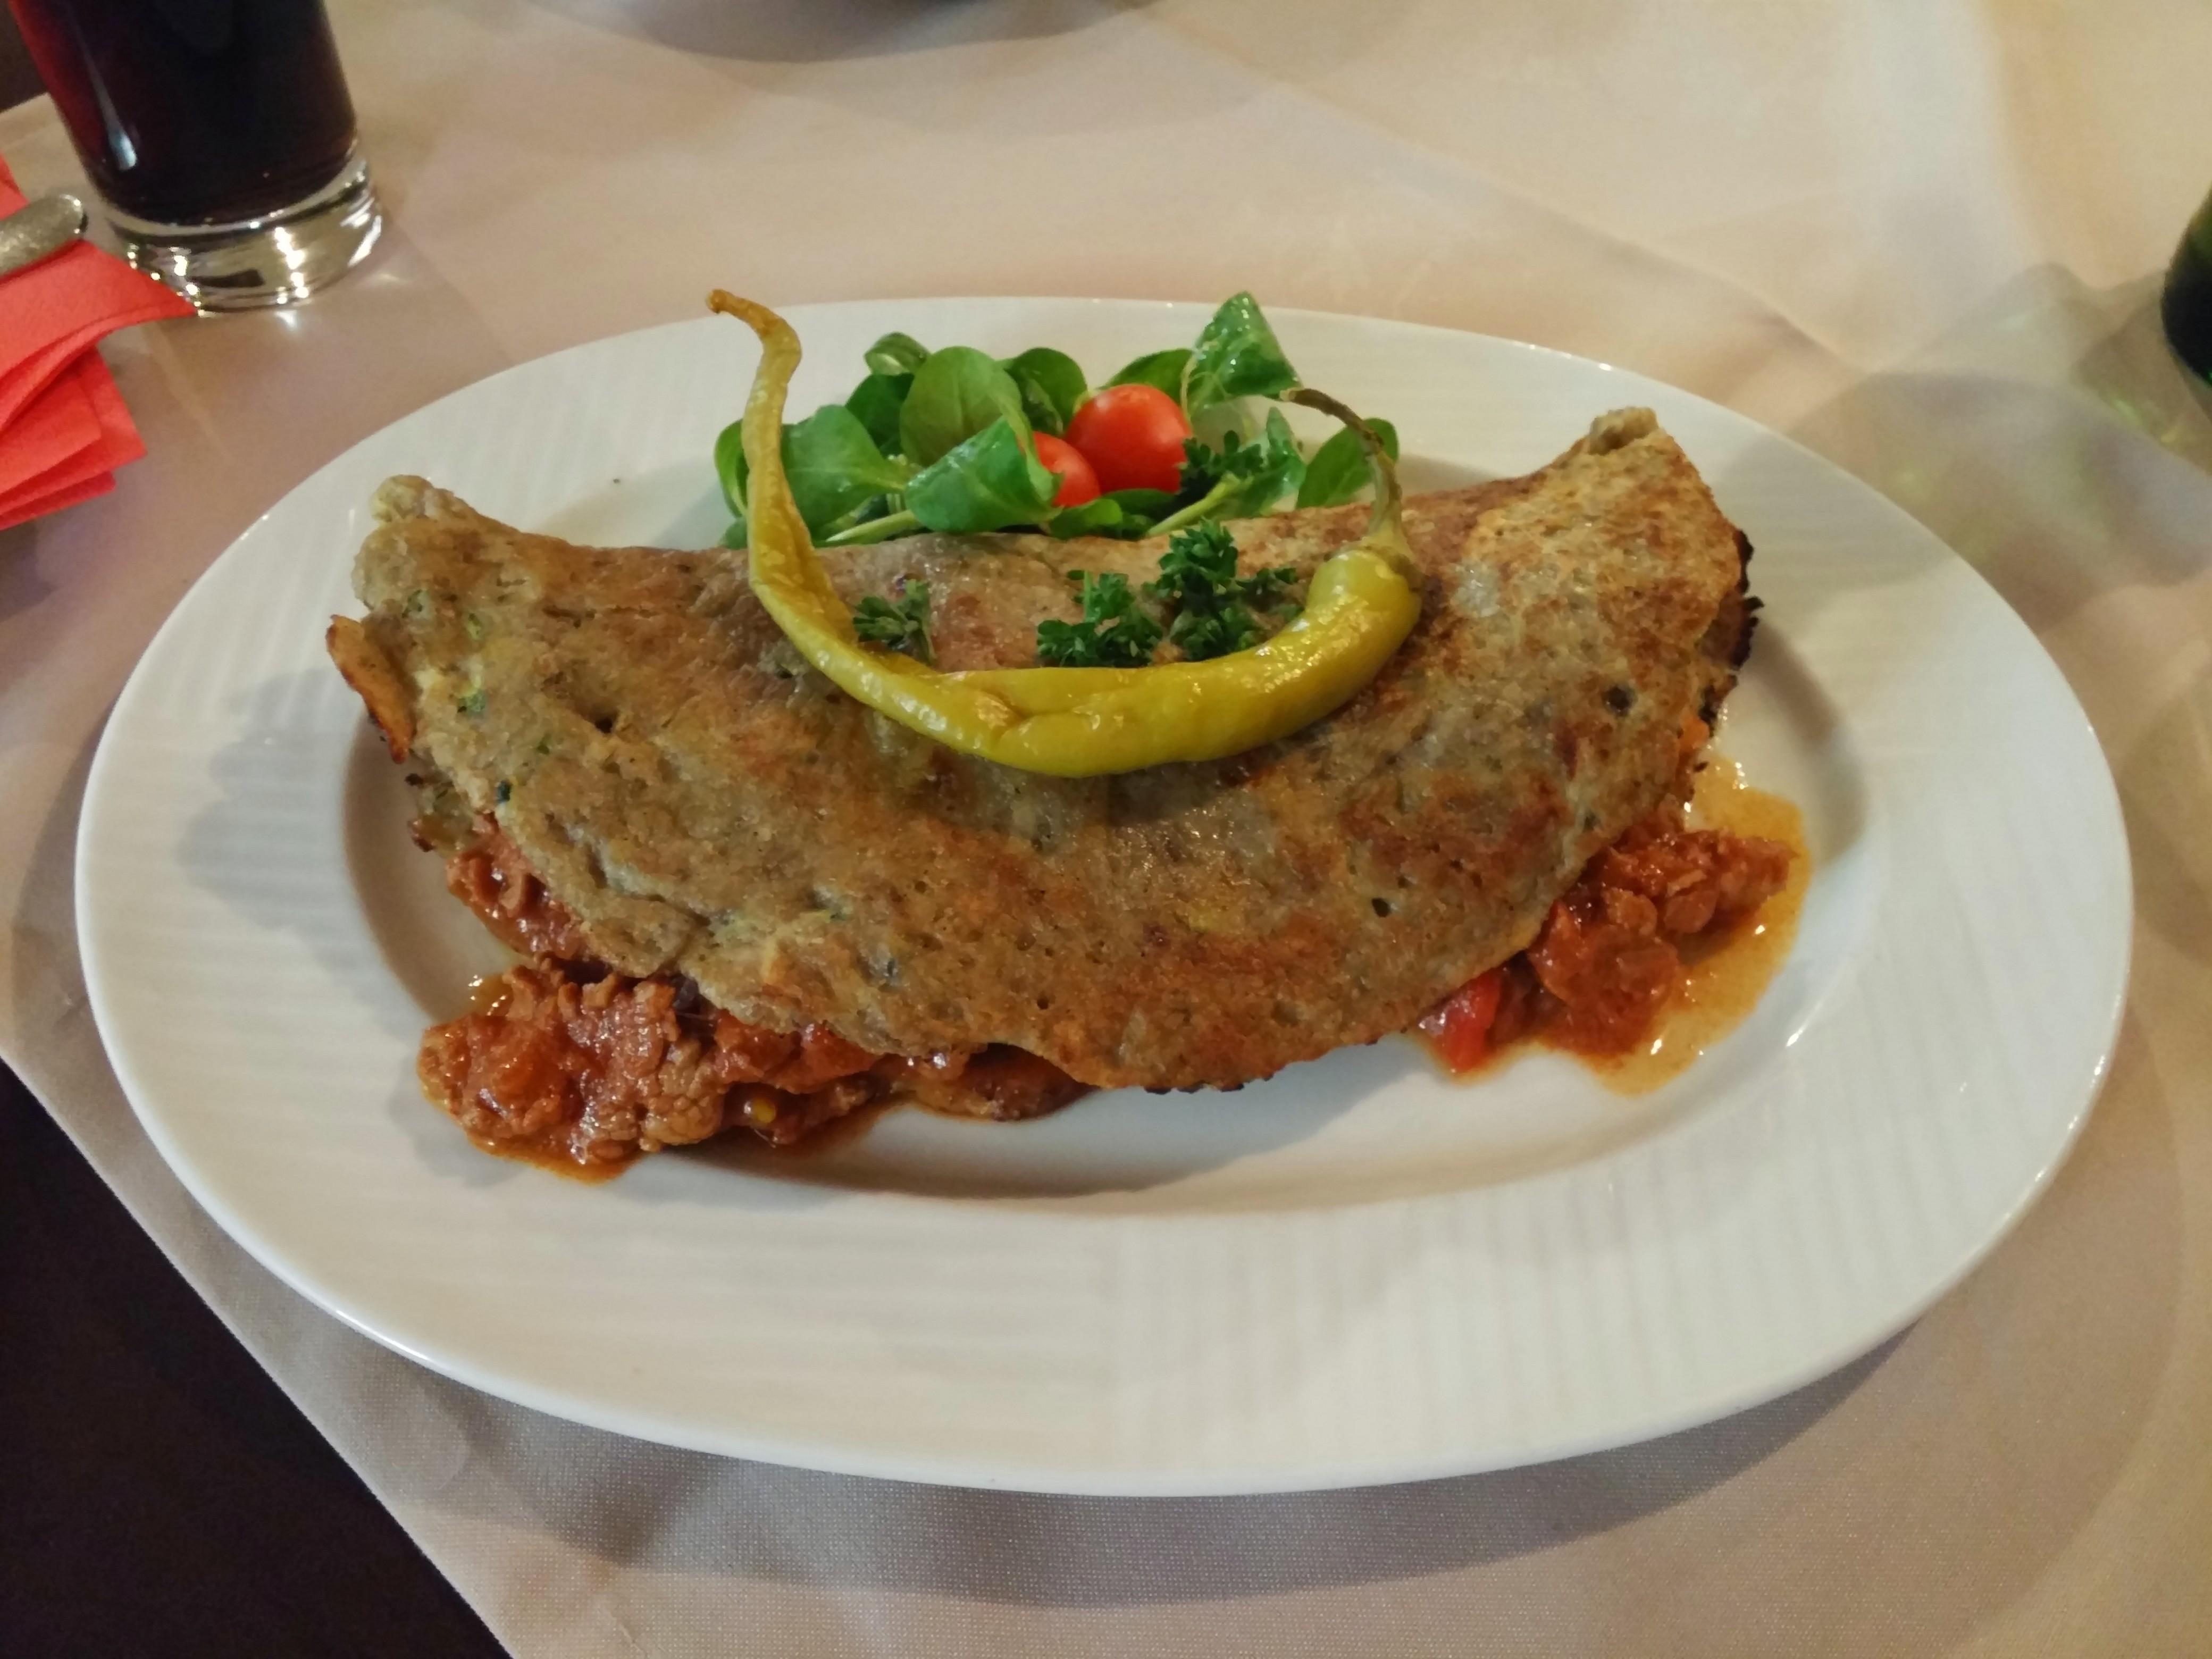 https://foodloader.net/nico_2015-05-31_zemiakov__-placky-plnen__-maesom_kartoffelpfannkuchen-gefuellt-mit-fleisch.jpg